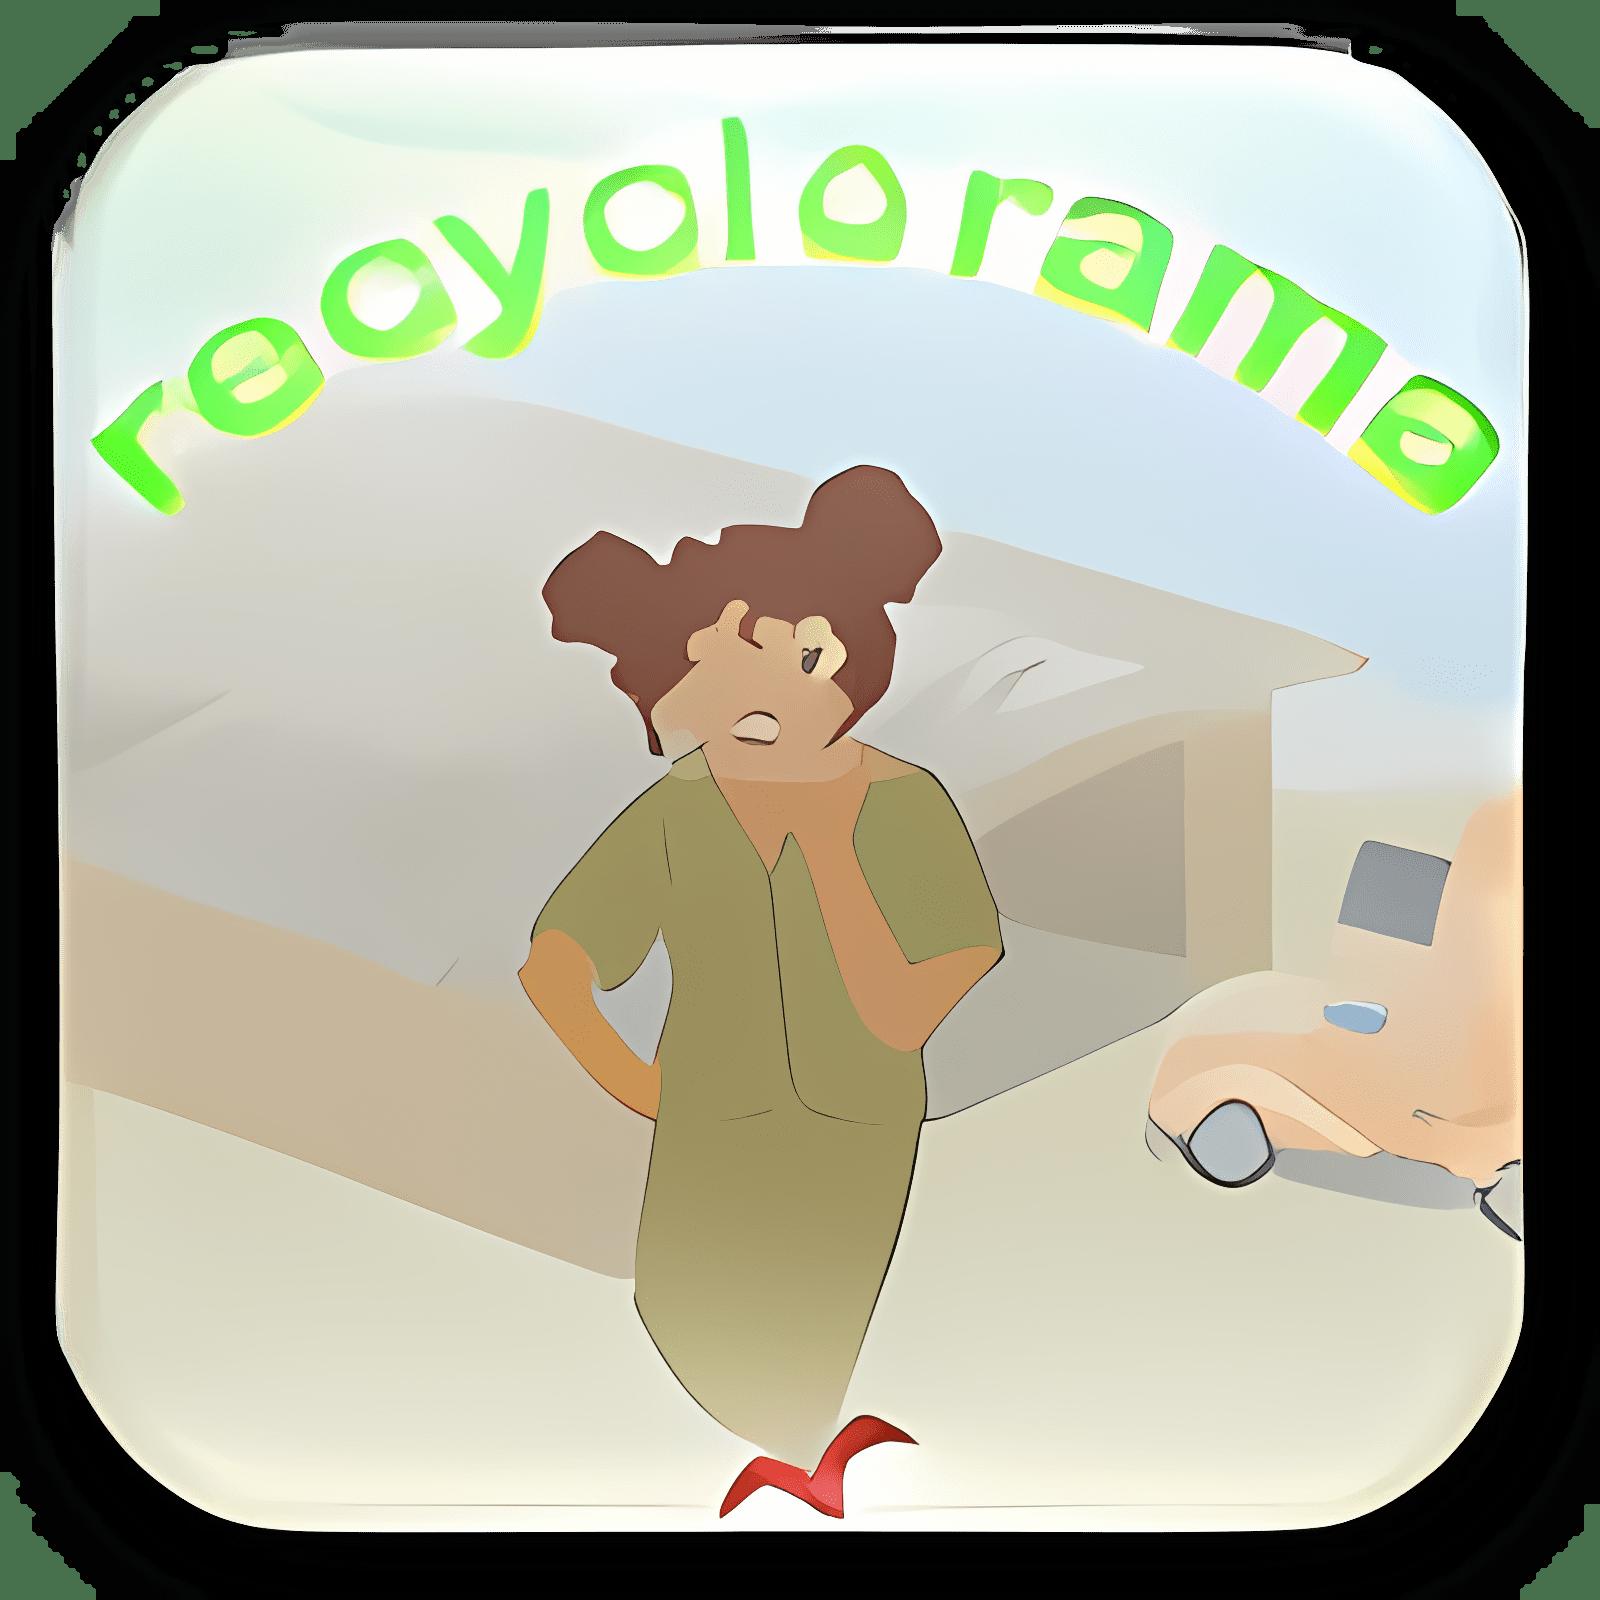 Recyclorama